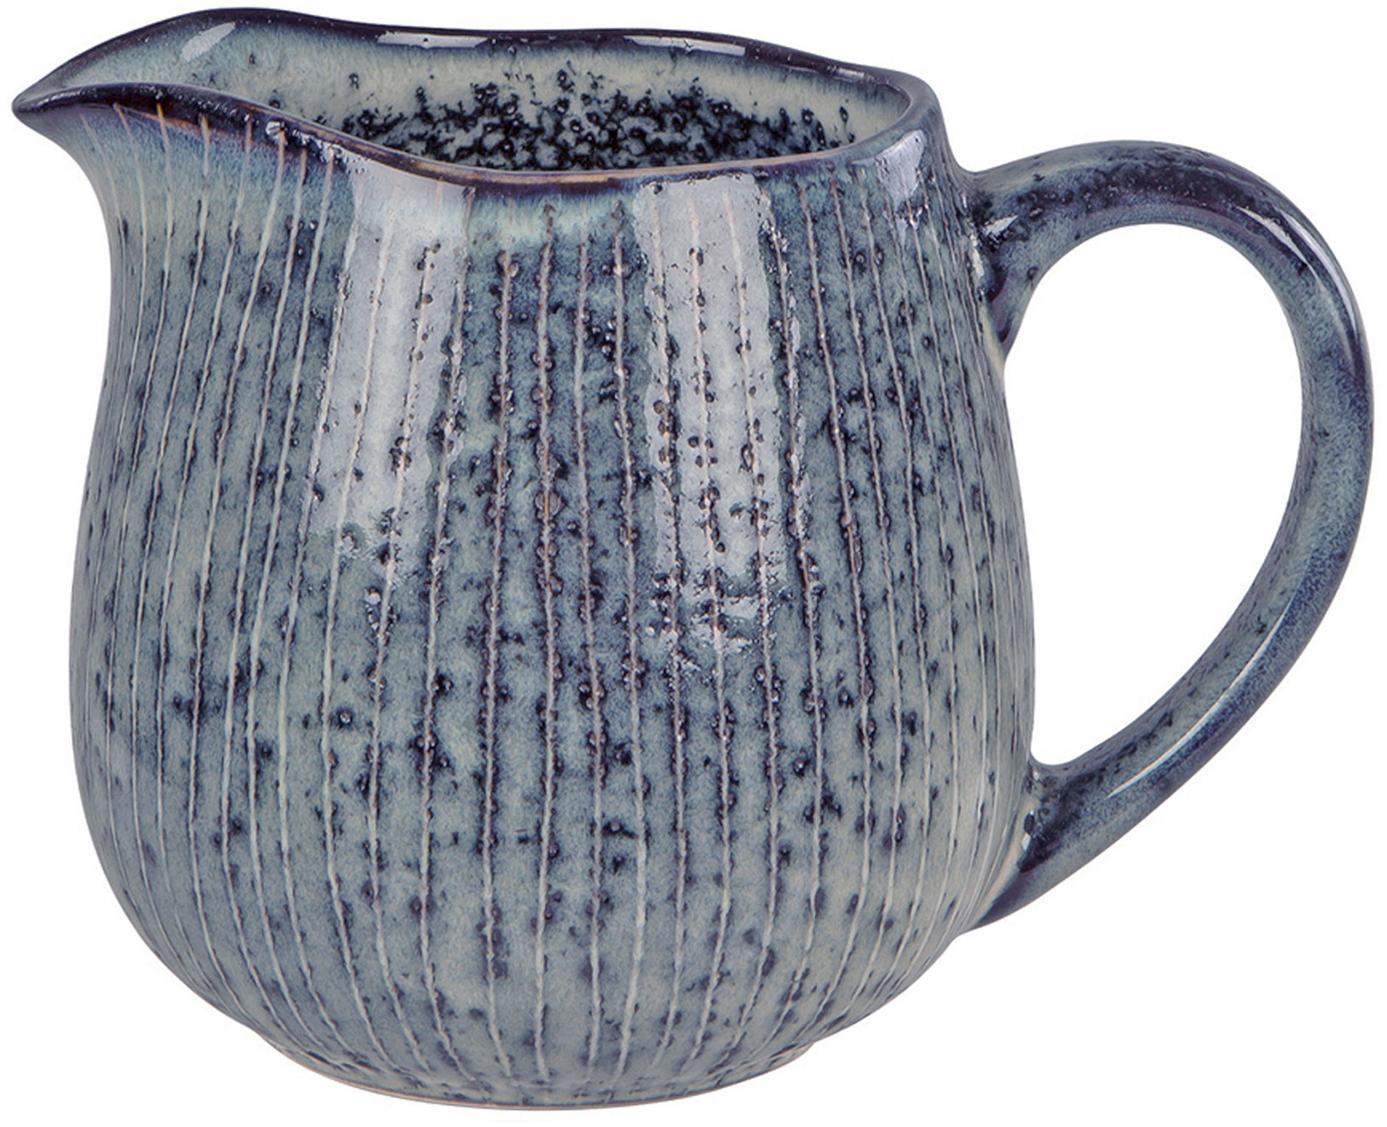 Brocca latte fatta a mano Nordic Sea, Gres, Tonalità grigie e blu, Ø 12 x Alt. 9 cm